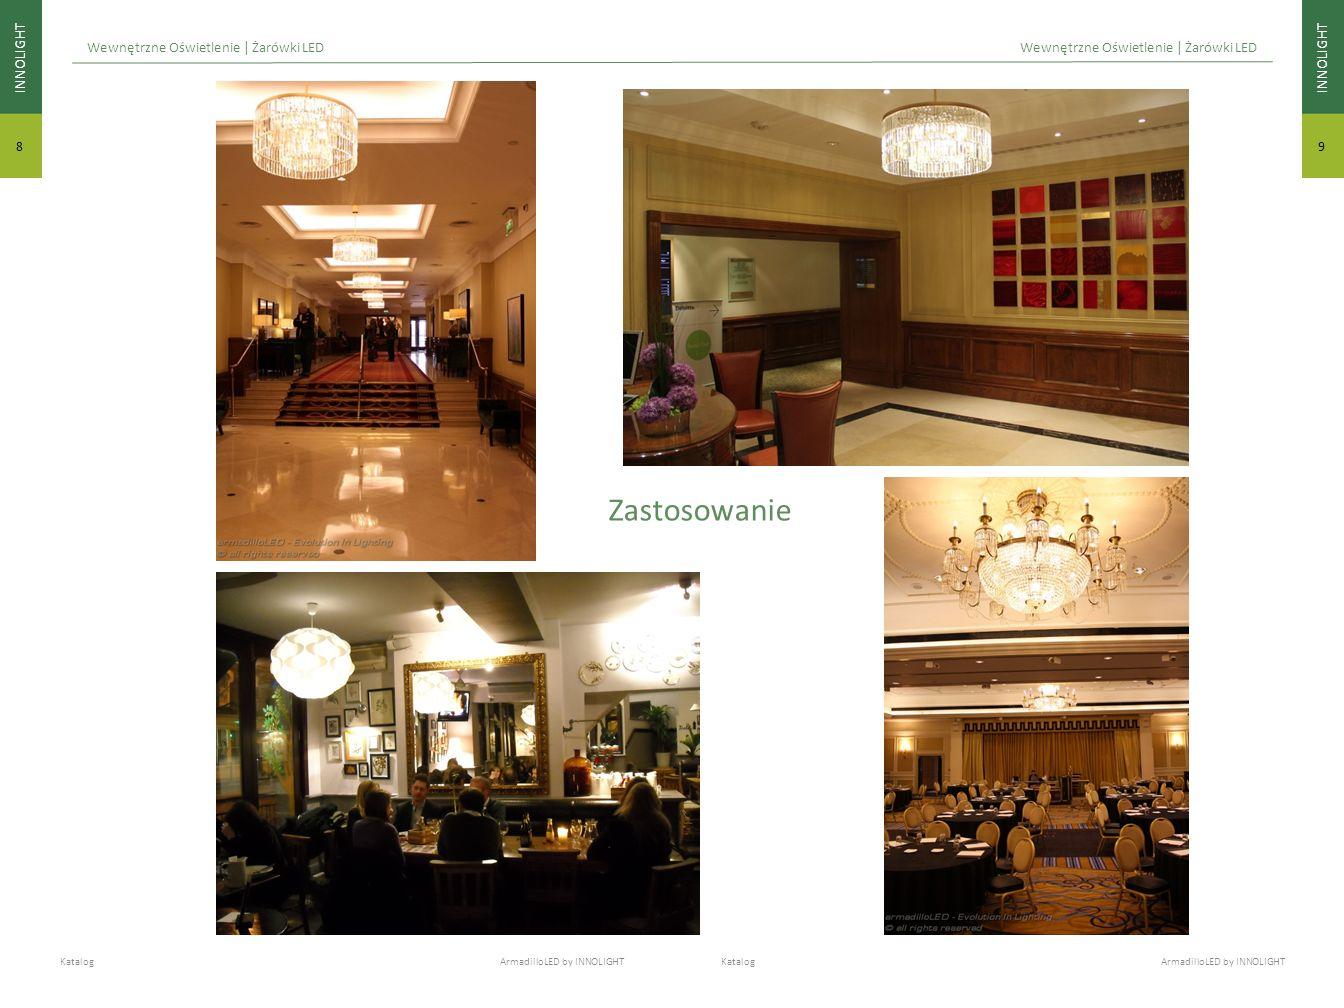 INNOLIGHT 9 8 Katalog ArmadilloLED by INNOLIGHT Wewnętrzne Oświetlenie | Żarówki LED Zastosowanie